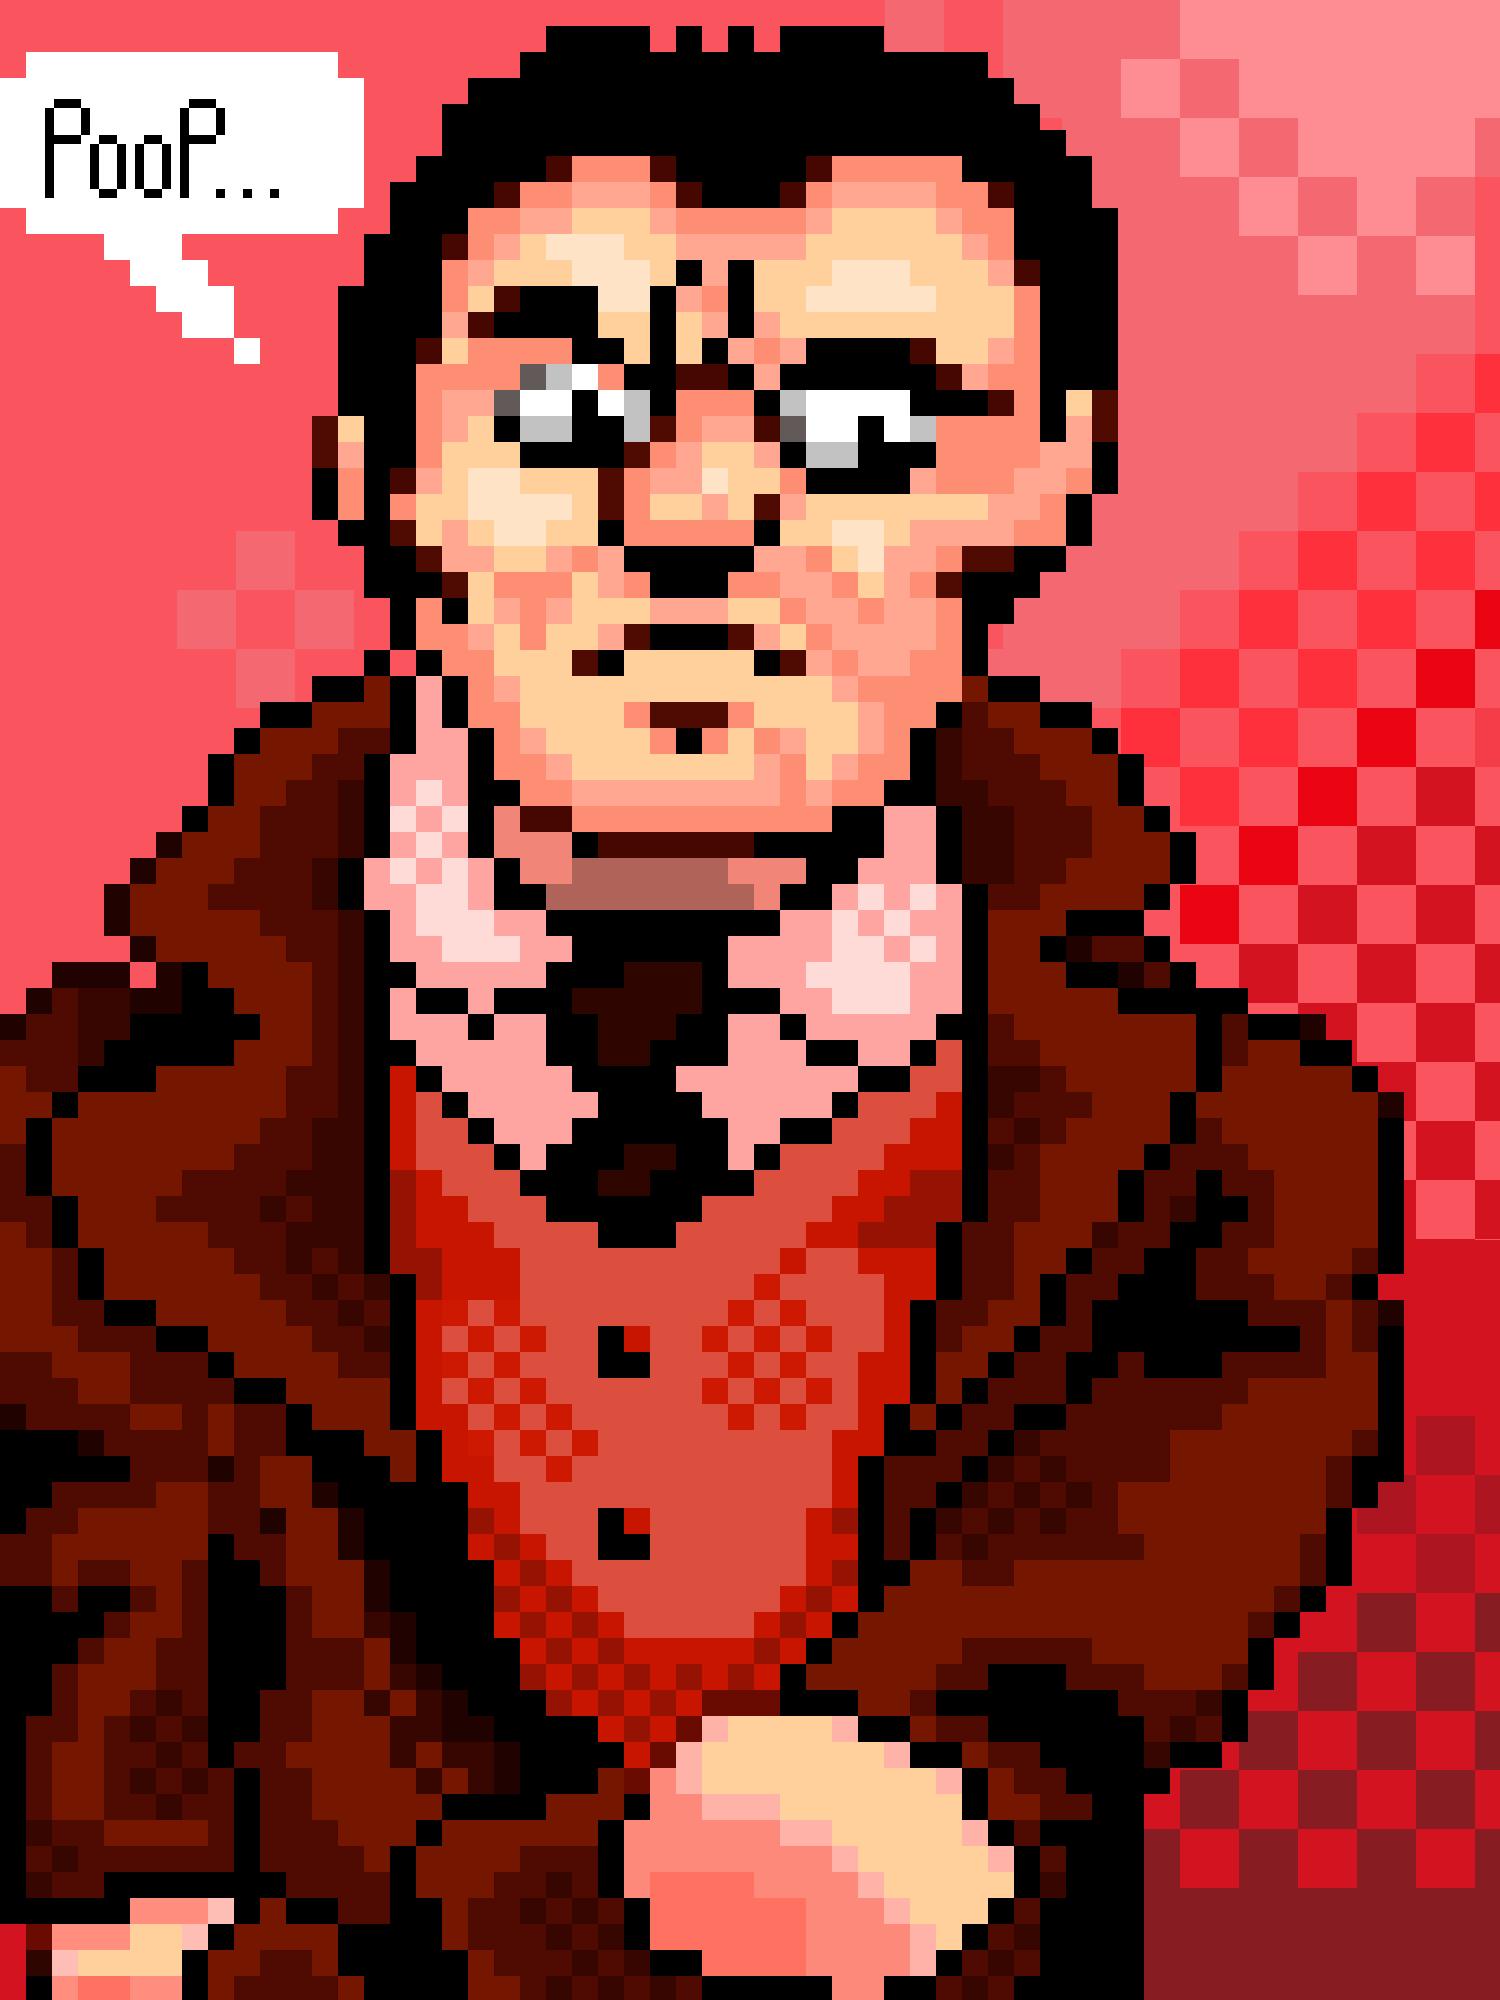 pixelcrap